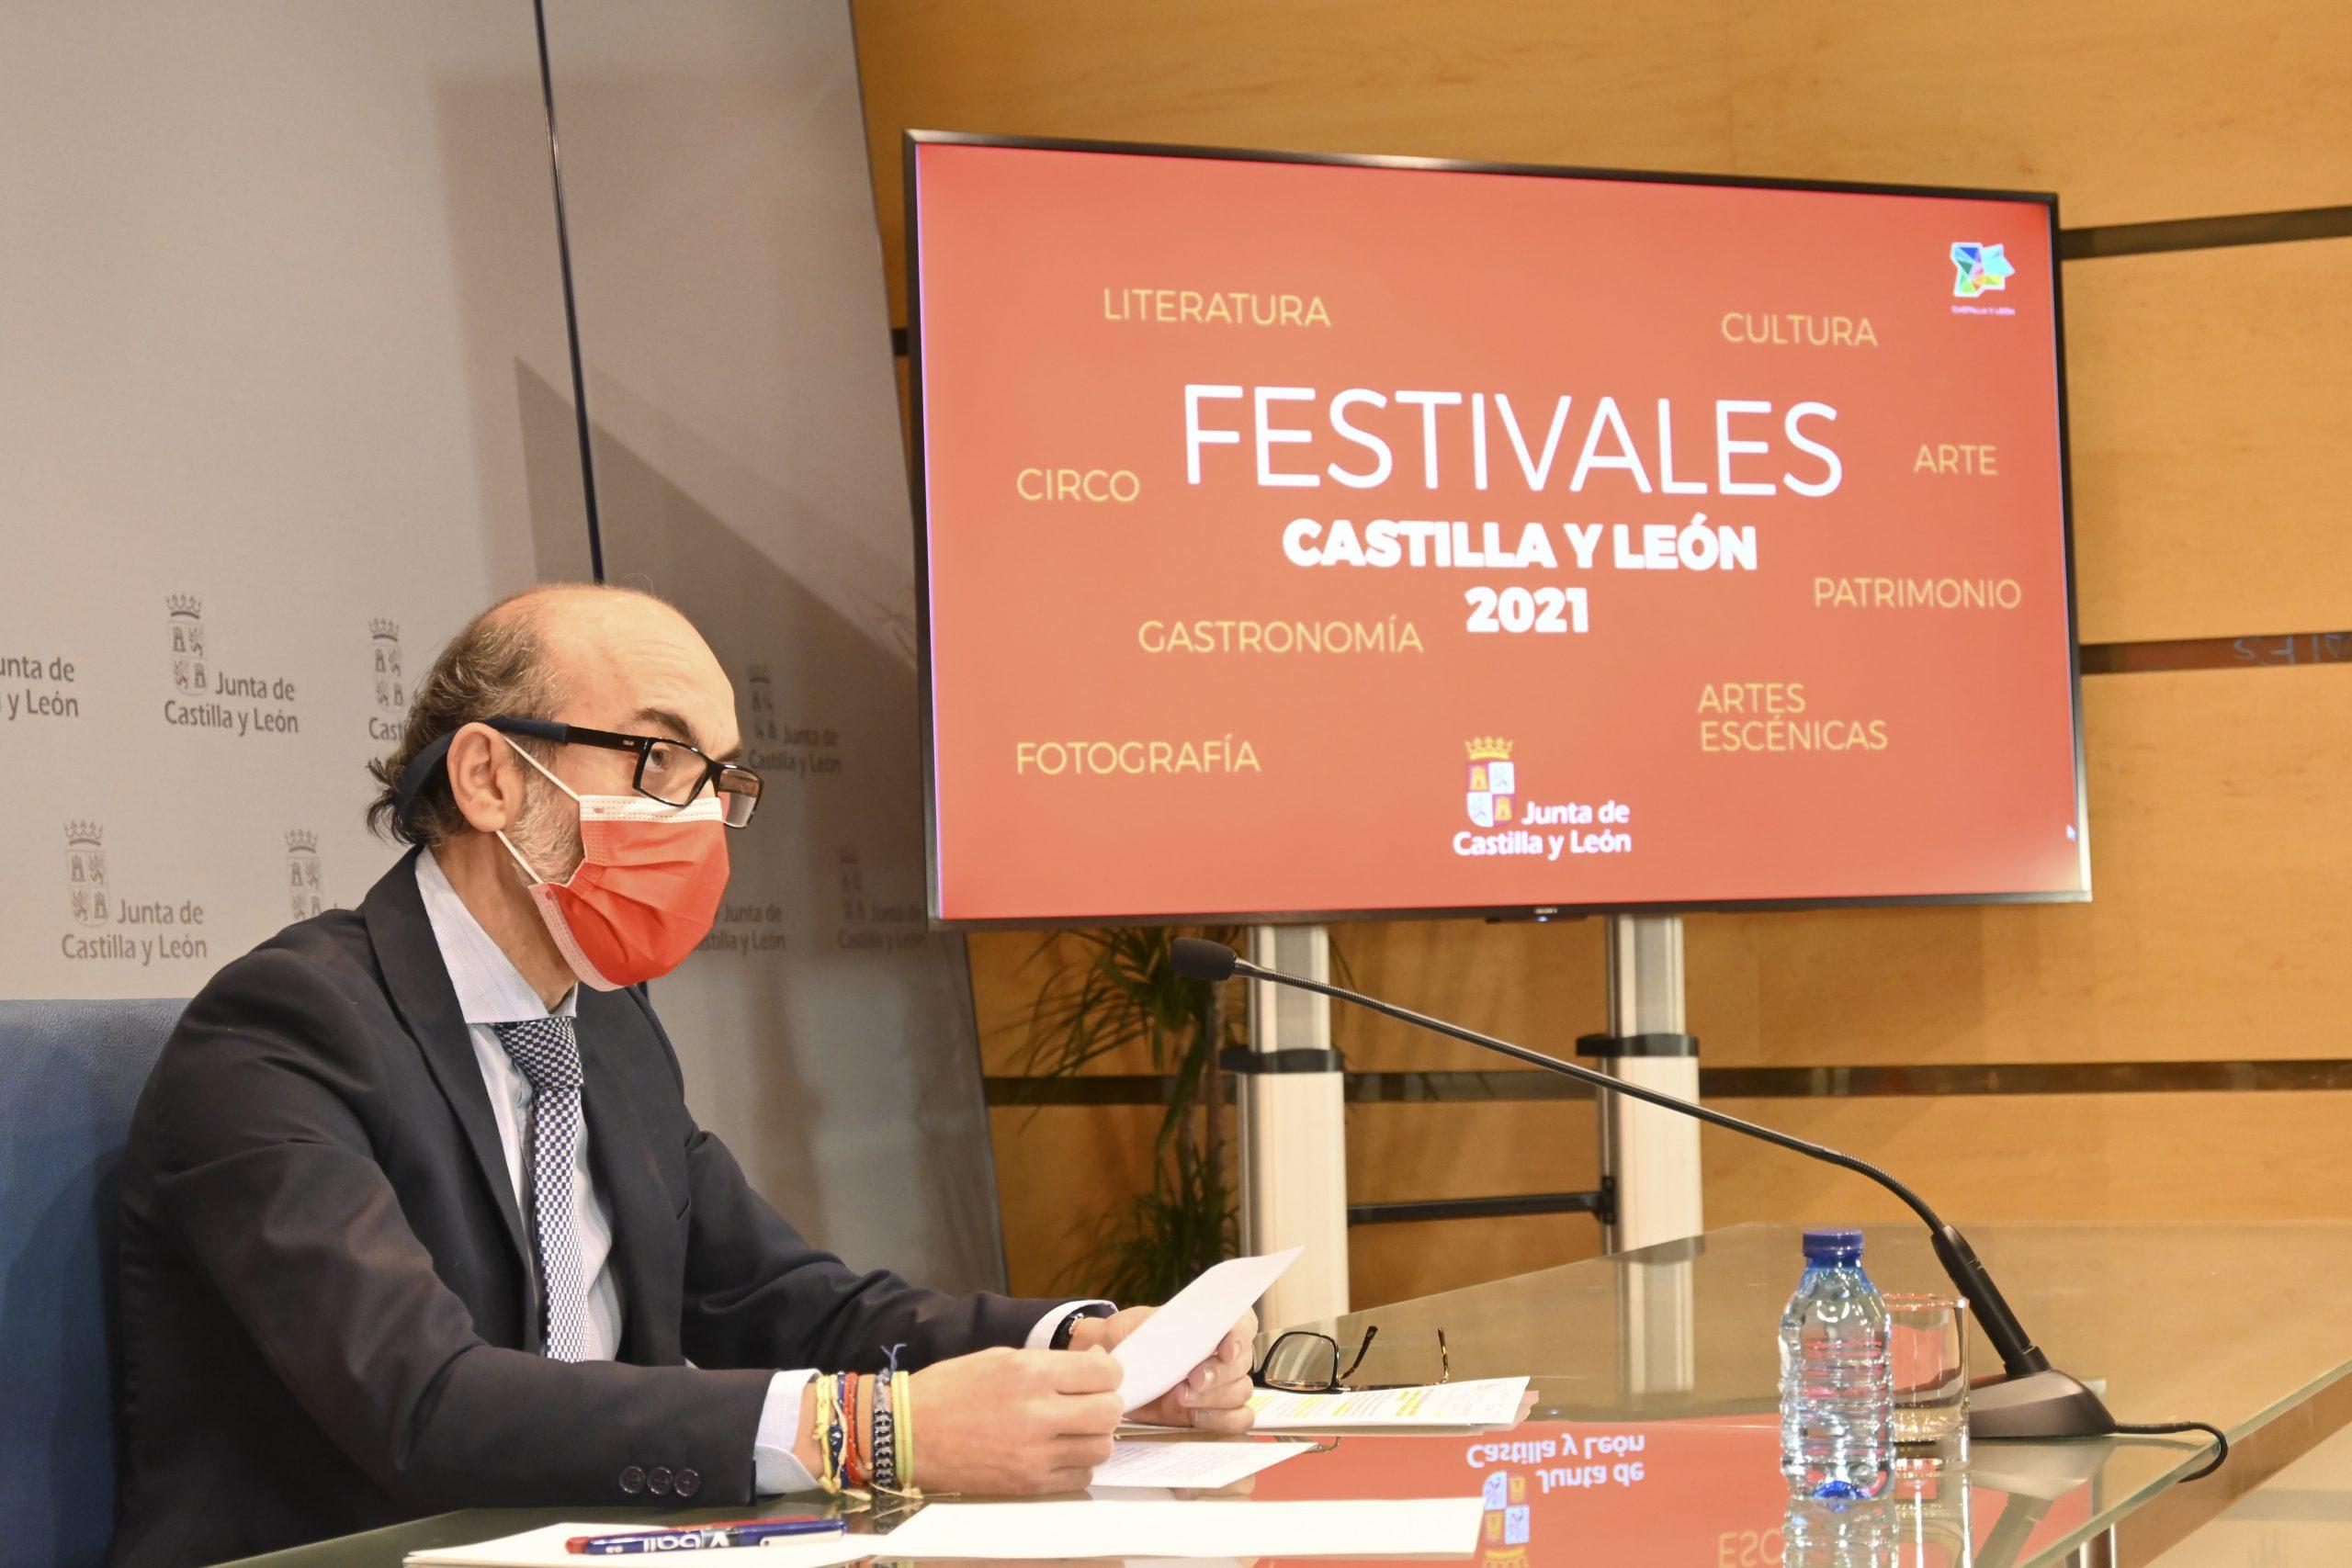 La Junta presenta su calendario de Festivales para 2021, apostando por novedosas temáticas como la fotografía, la literatura, la gastronomía y las artes escénicas 1